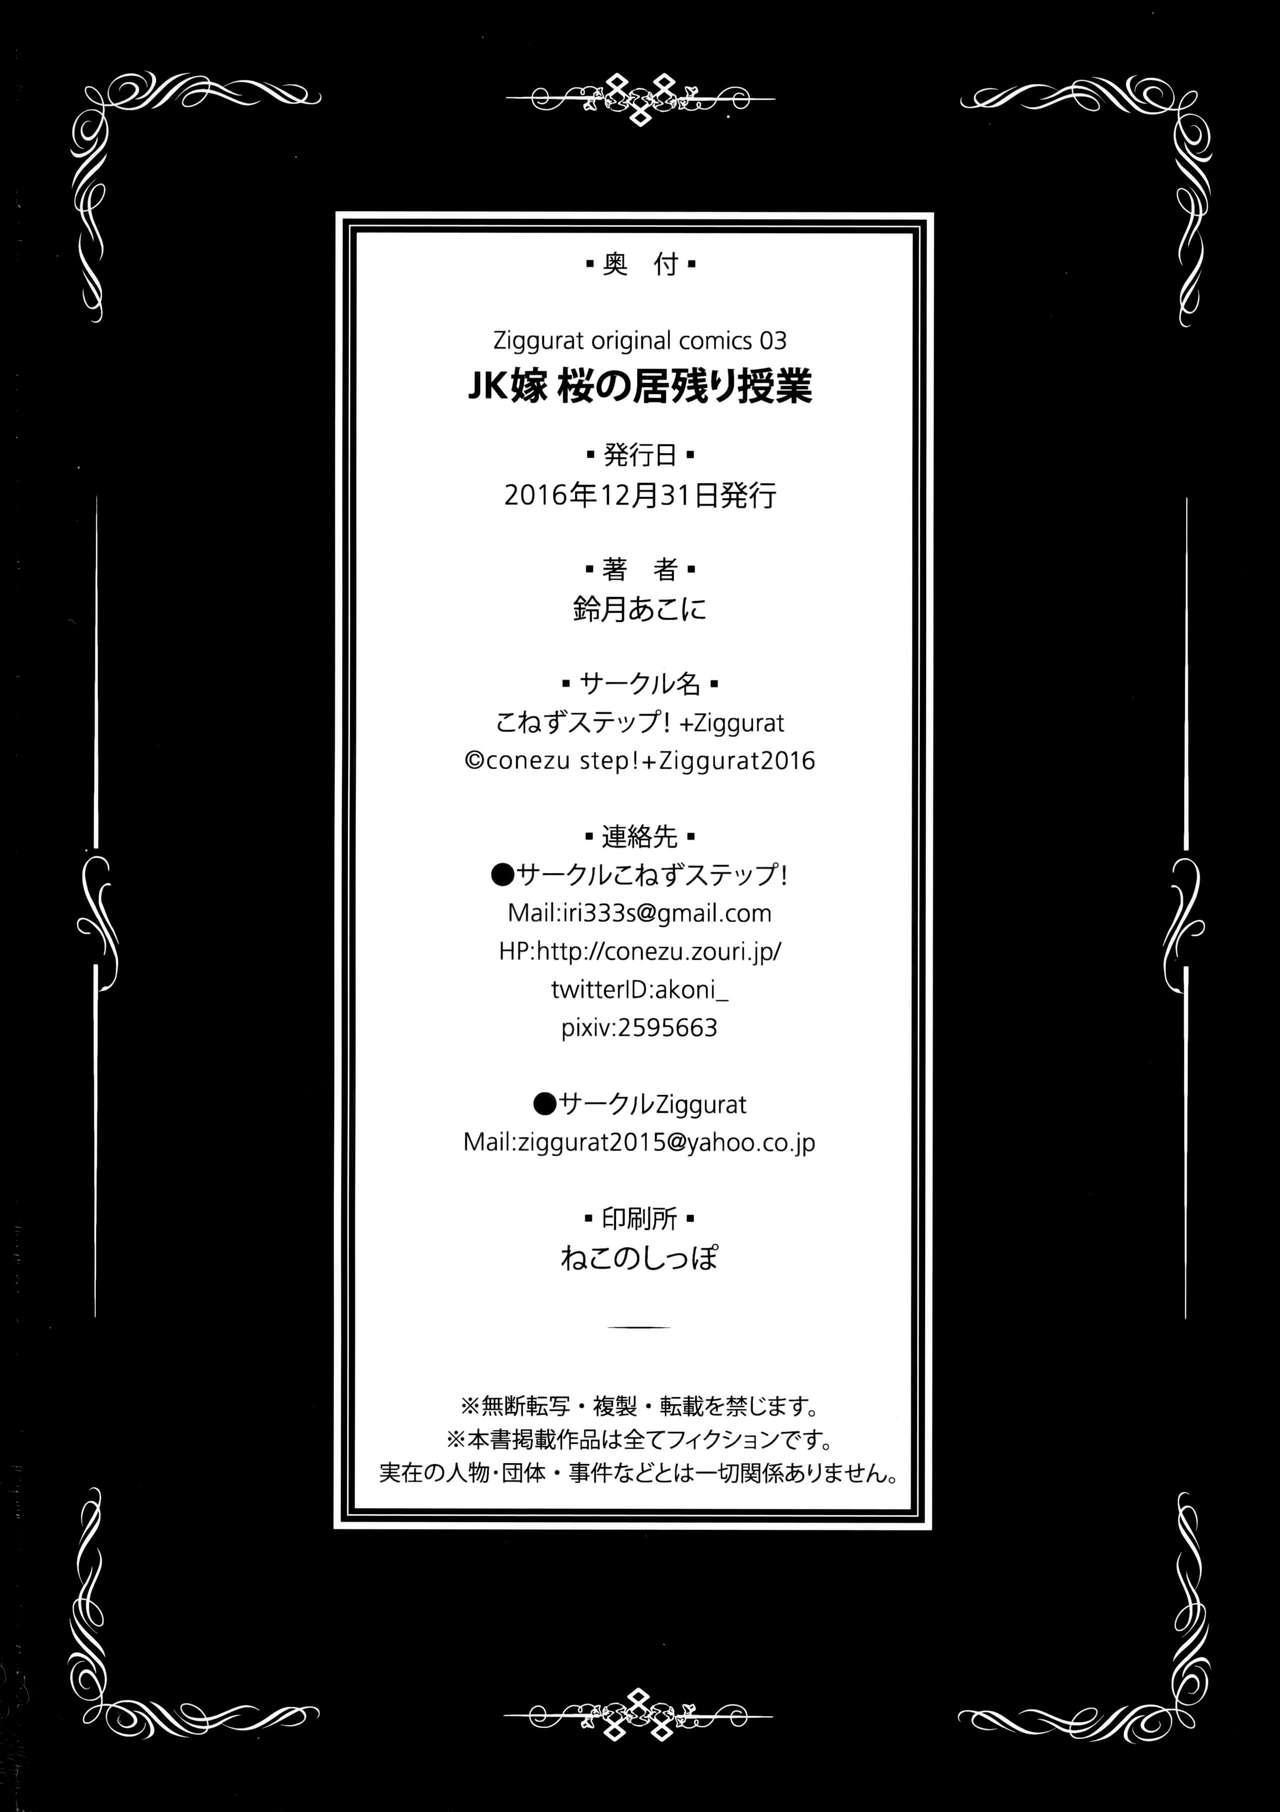 JK Yome Sakura no Inokori Jugyou 24